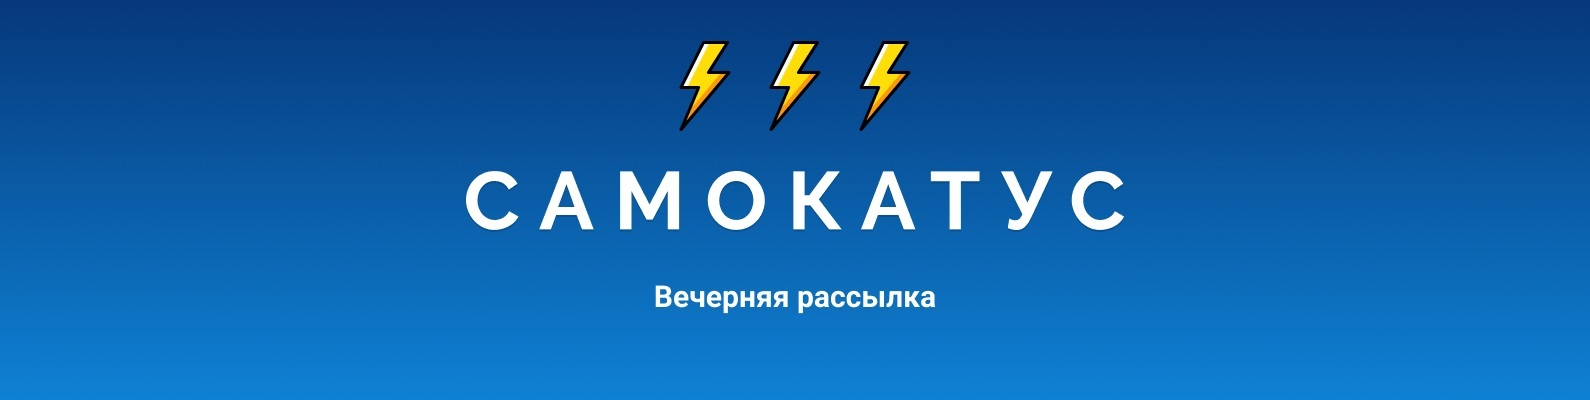 https://samokatus.ru/2019/03/daily-330/